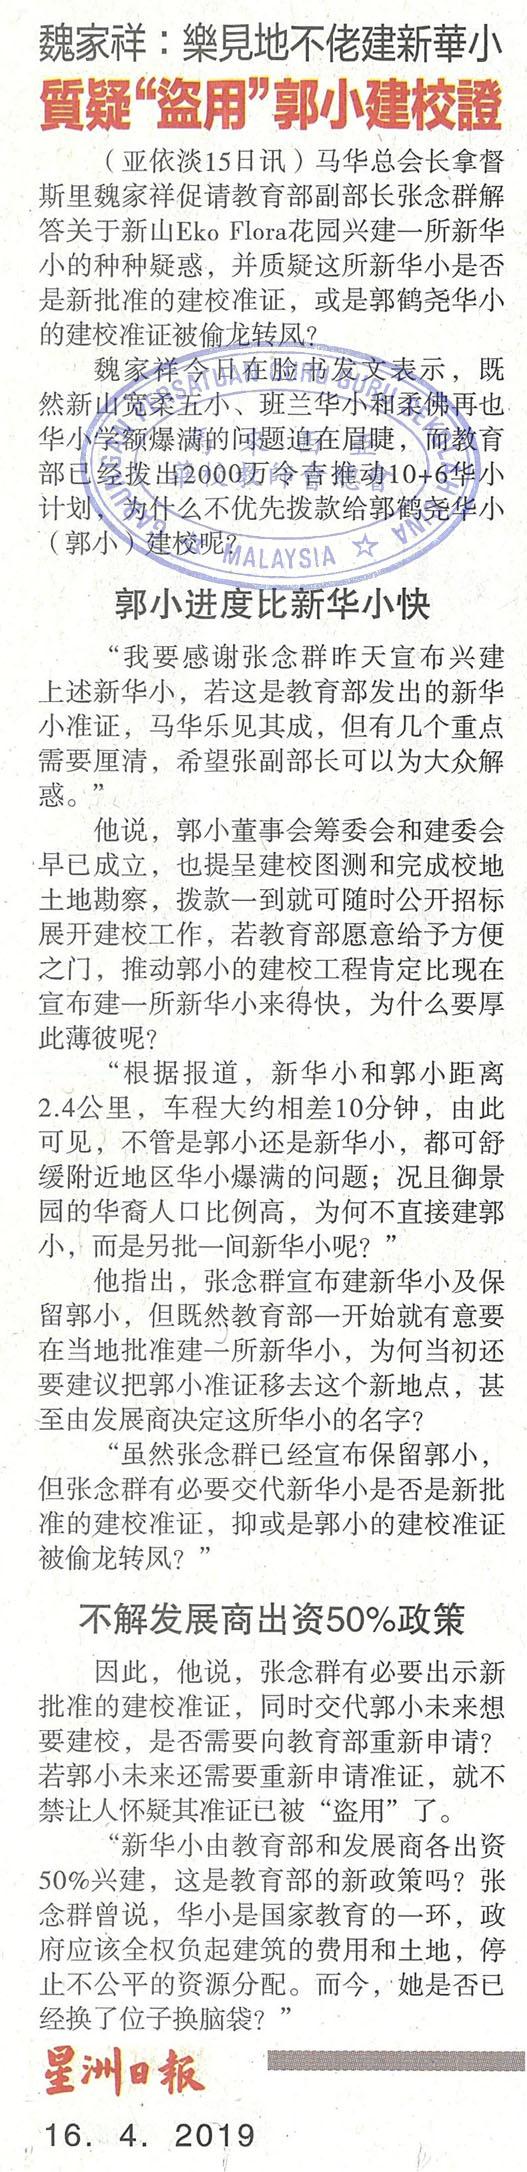 华小10+6建迁新闻剪报